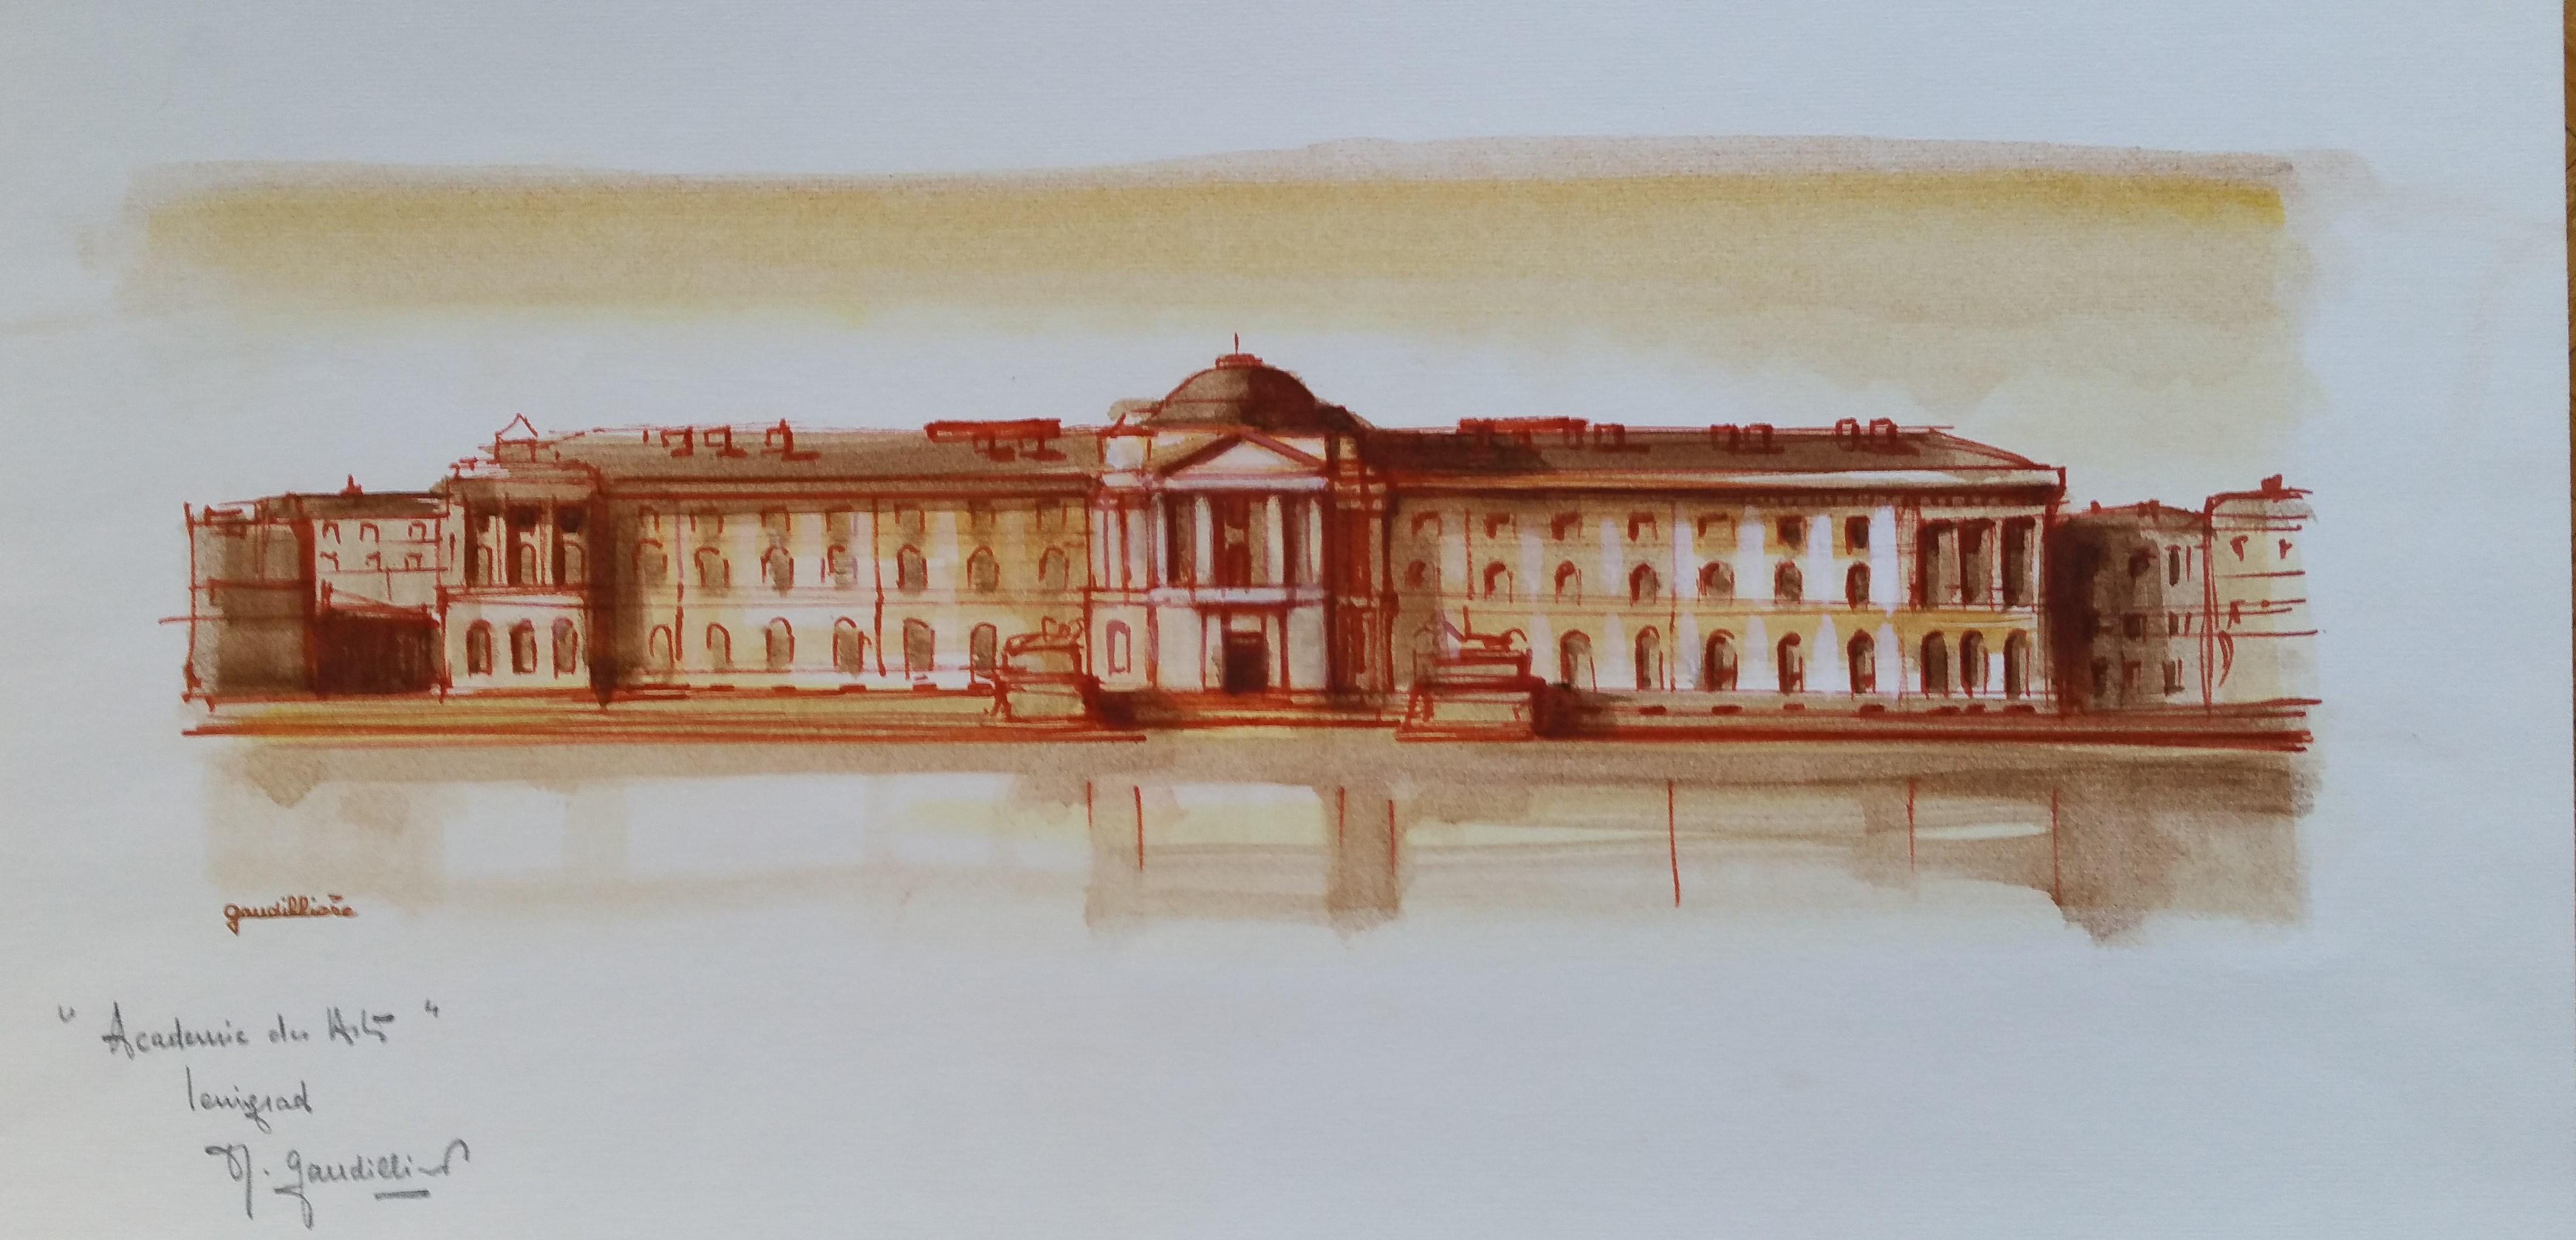 1960 Leningrad académie des arts